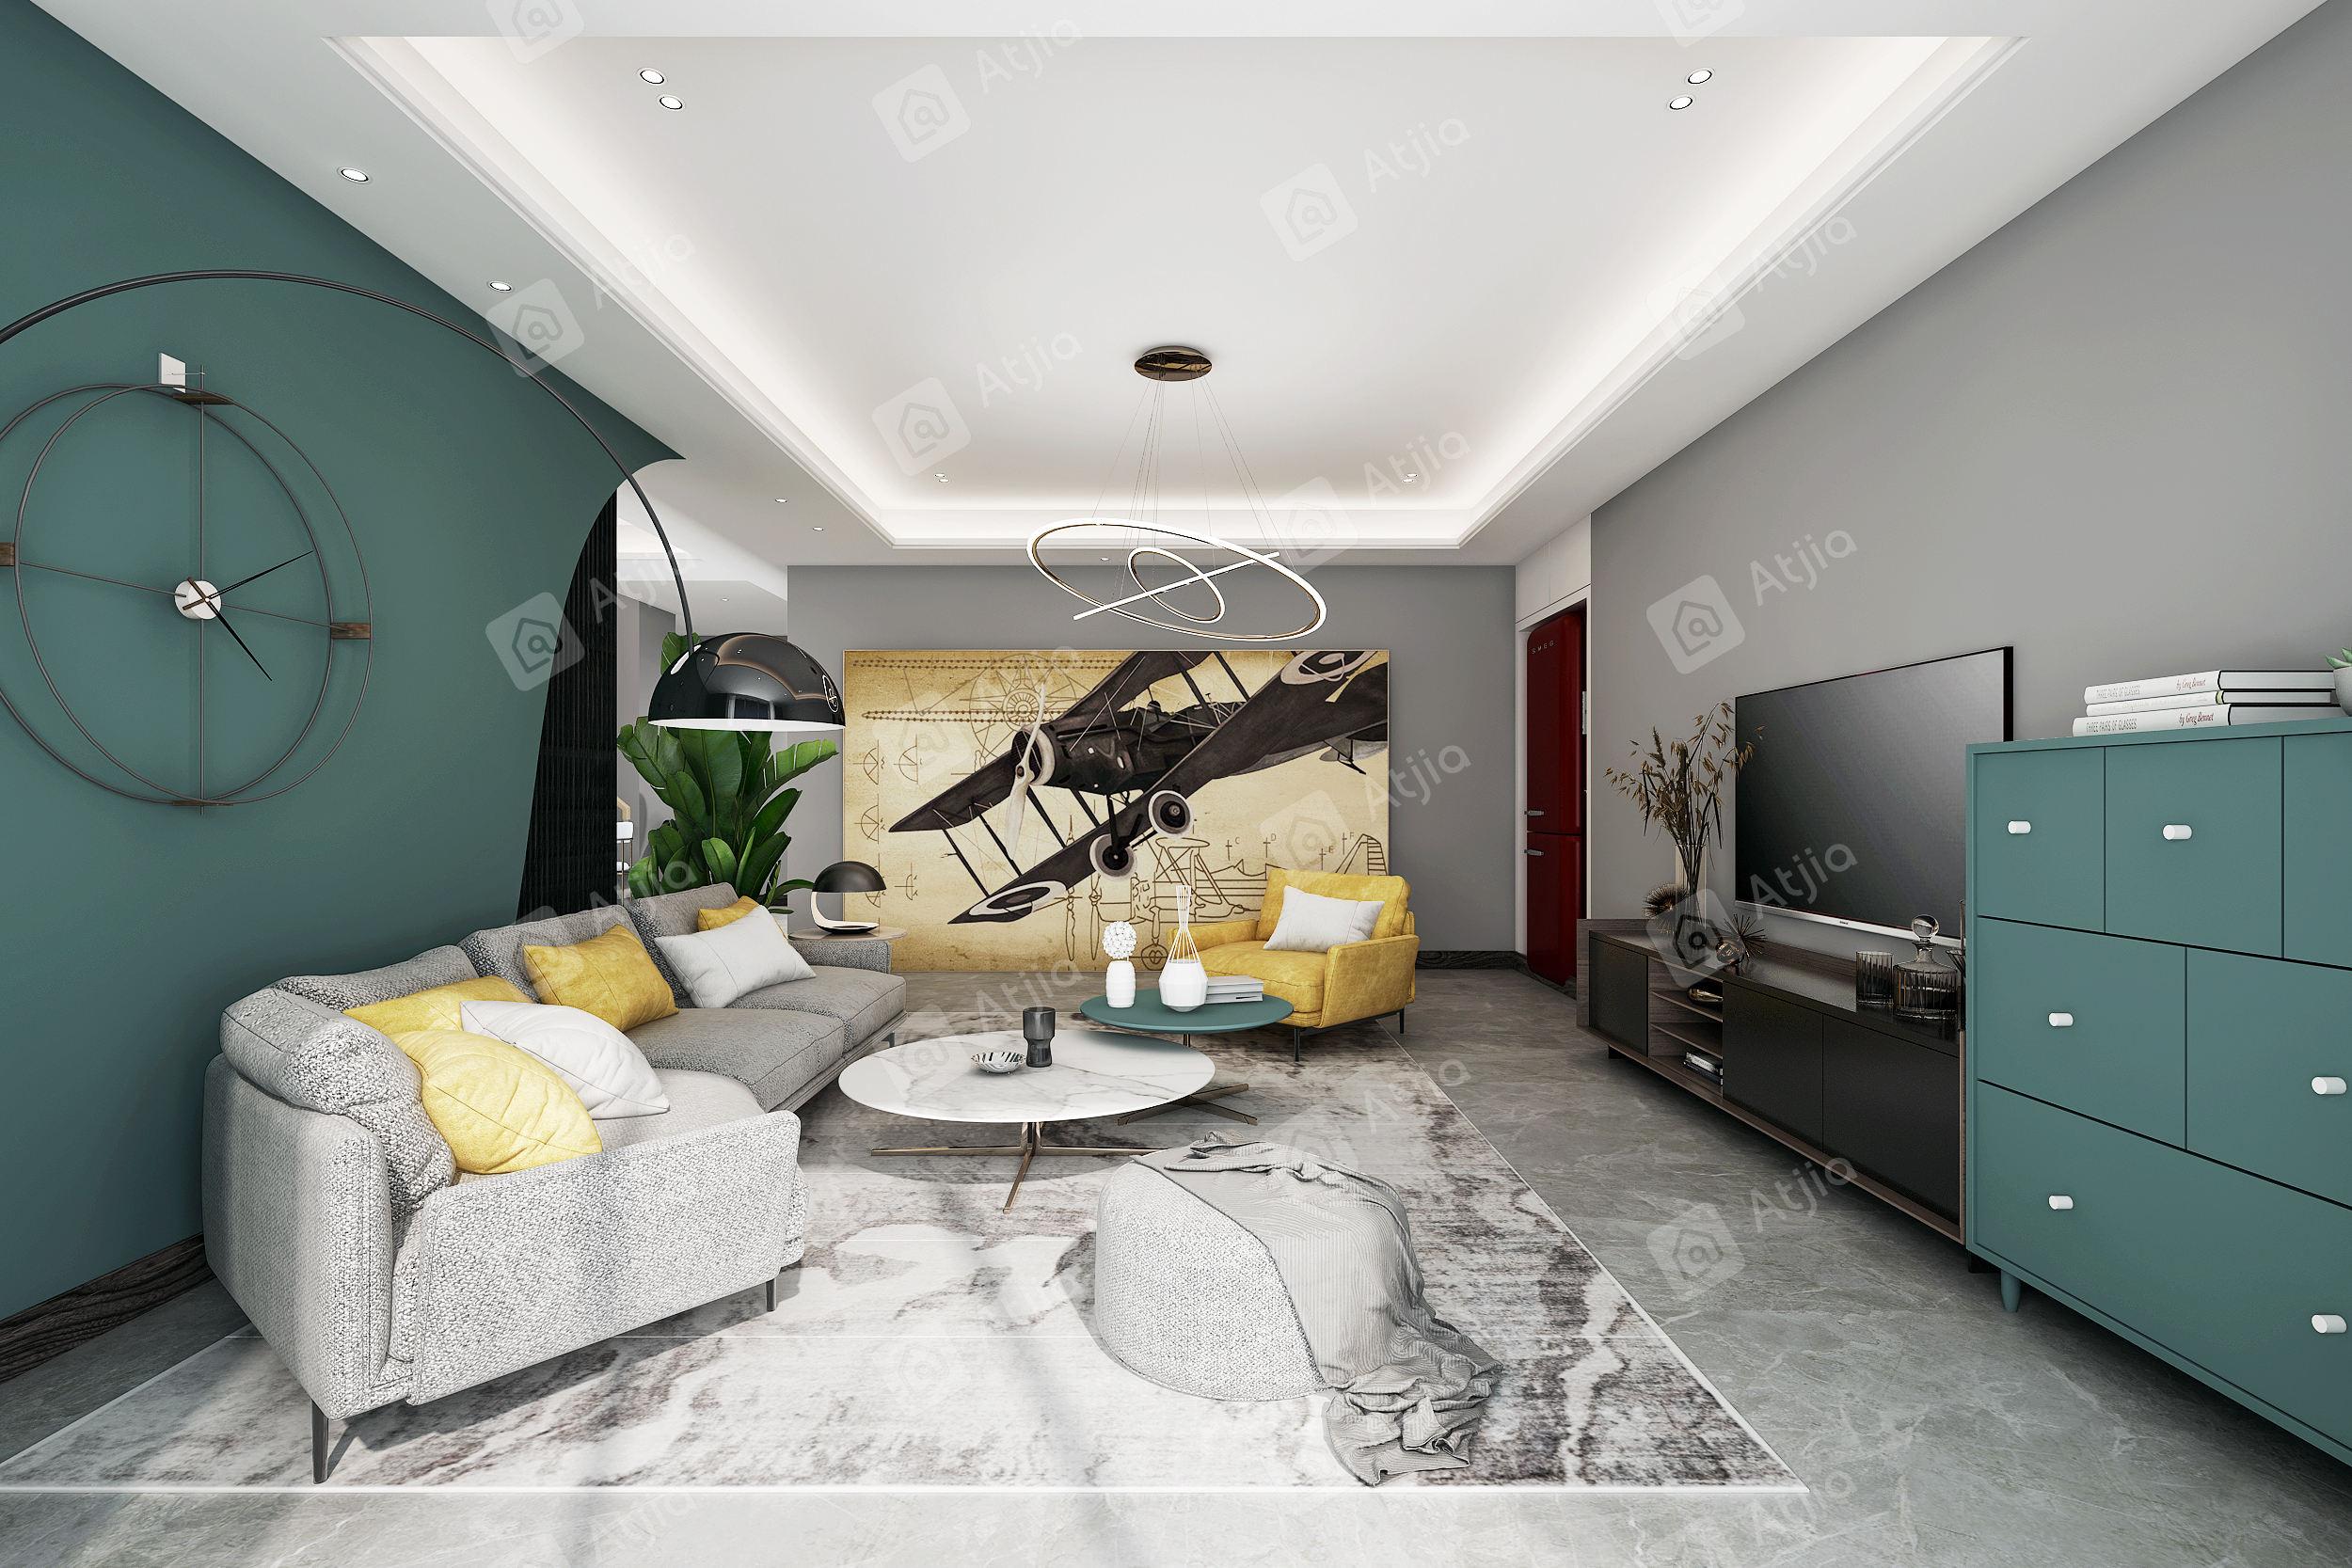 虹桥融景 现代北欧装修客厅效果图